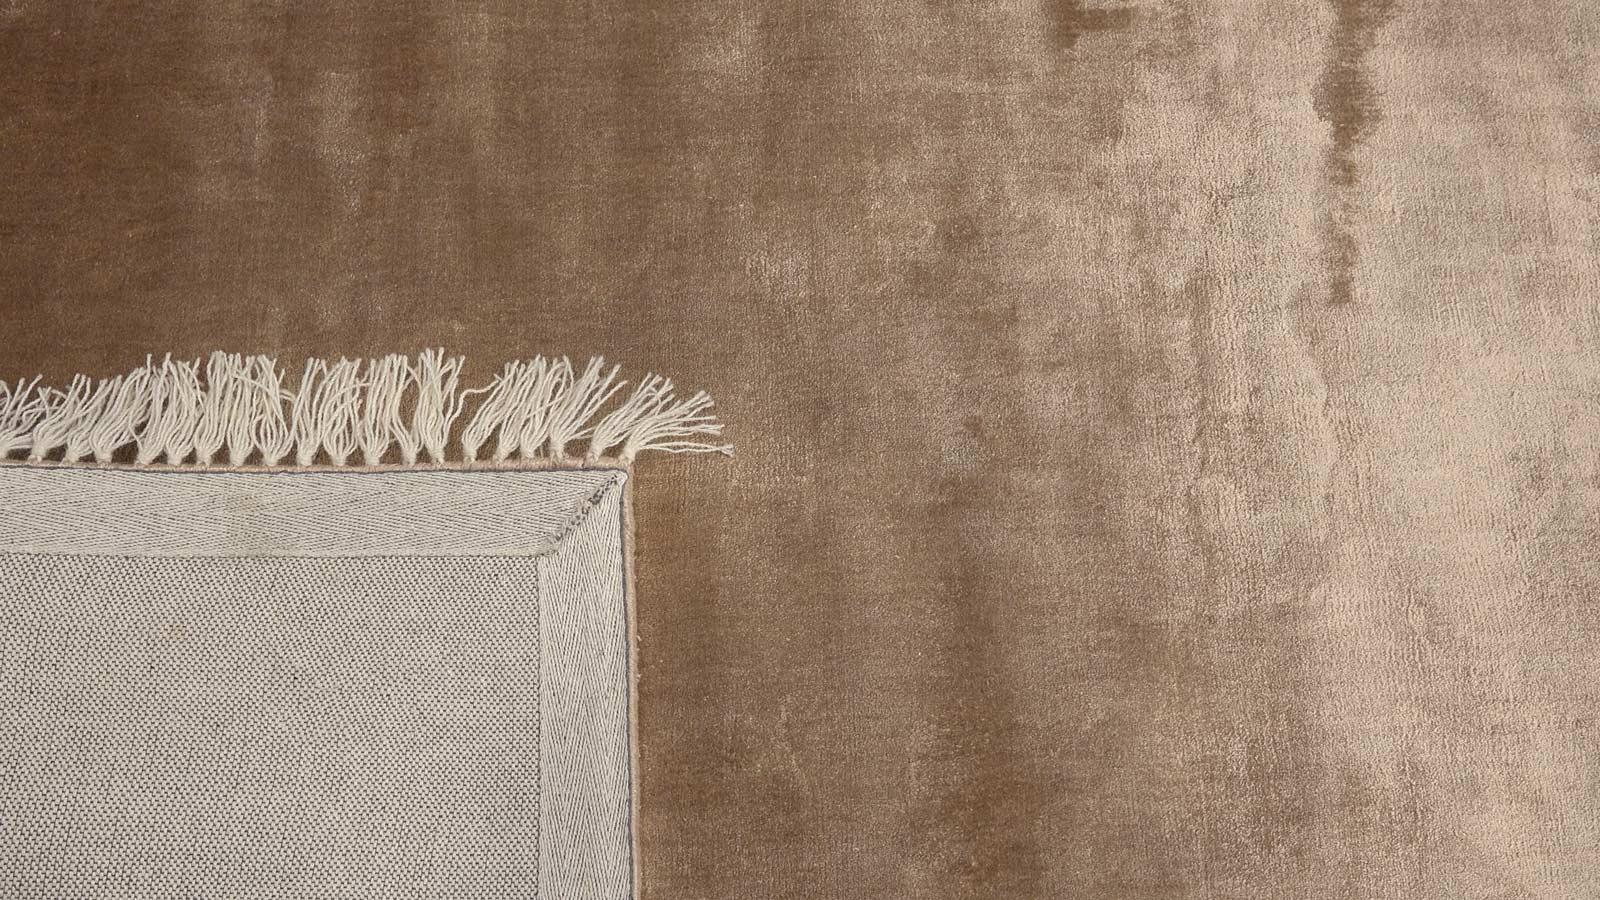 monalisa-design-tapijt-moderne-tapijten-handgeknoopte-design-exclusieve-luxe-vloerkleden-bruin-grijs-taupe-300x200-koreman-maastricht-3978-hoek2.jpg